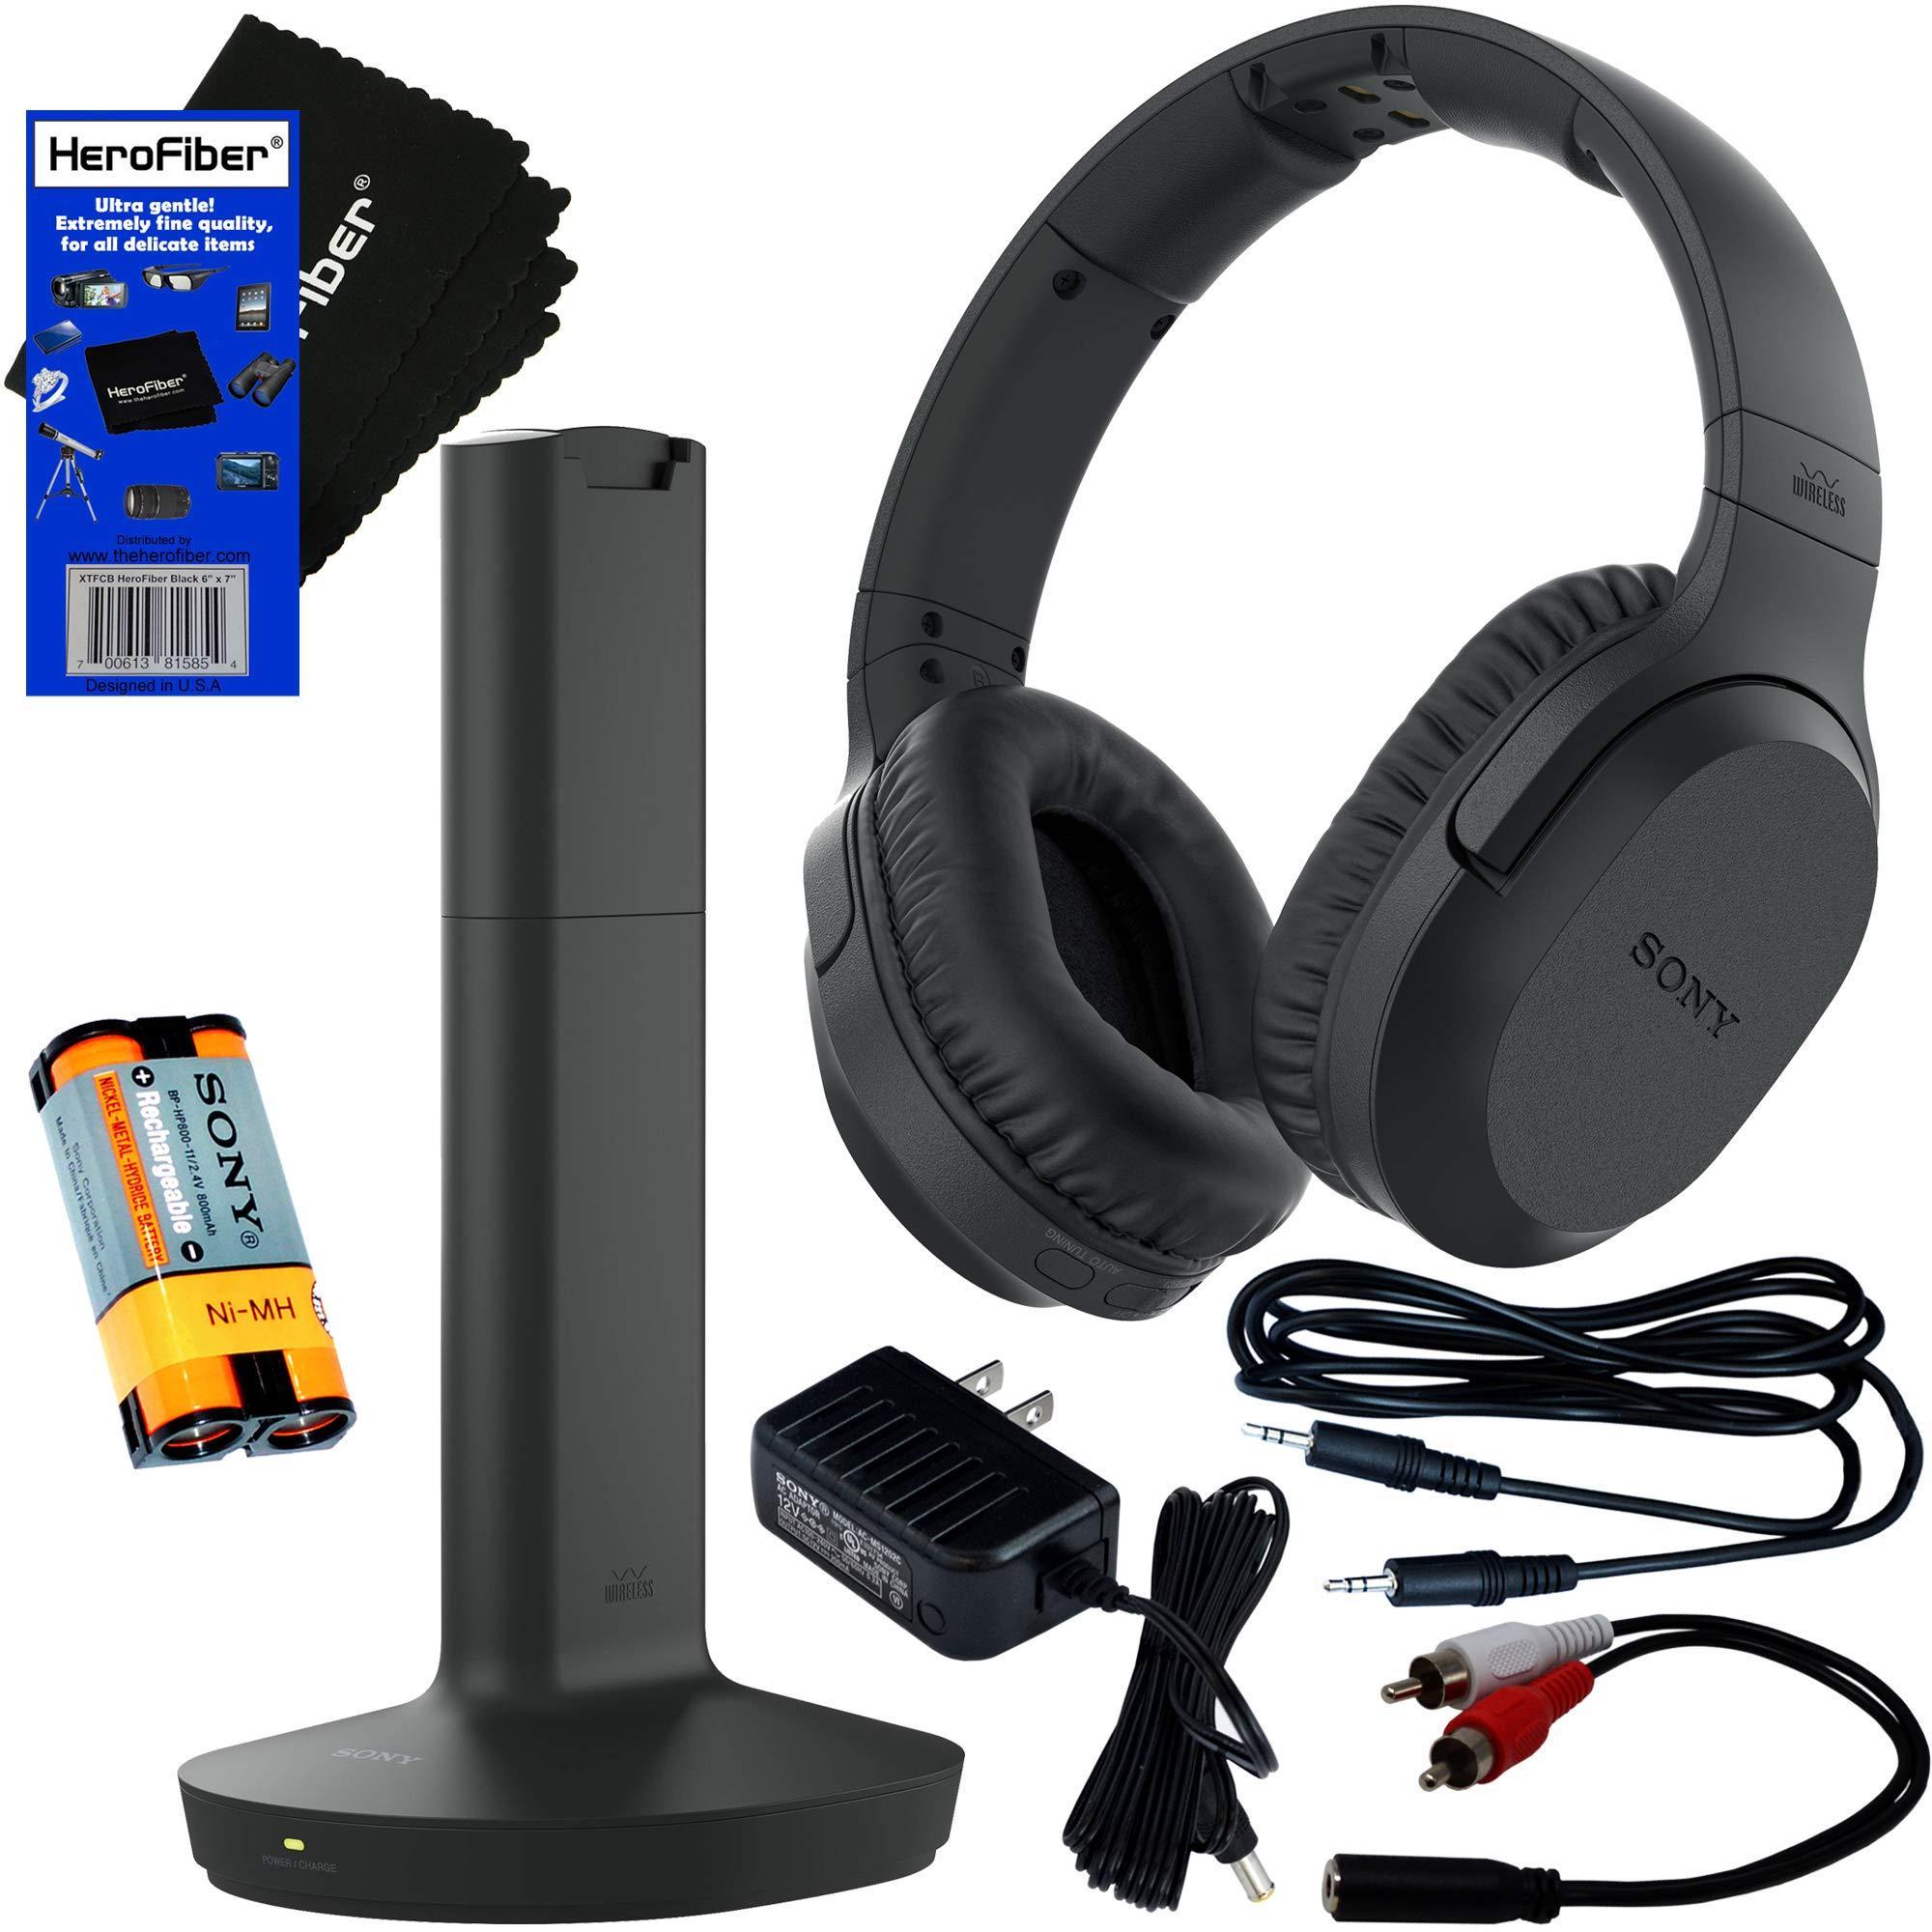 Headphones Transmitter Rechargeable Connecting HeroFiber